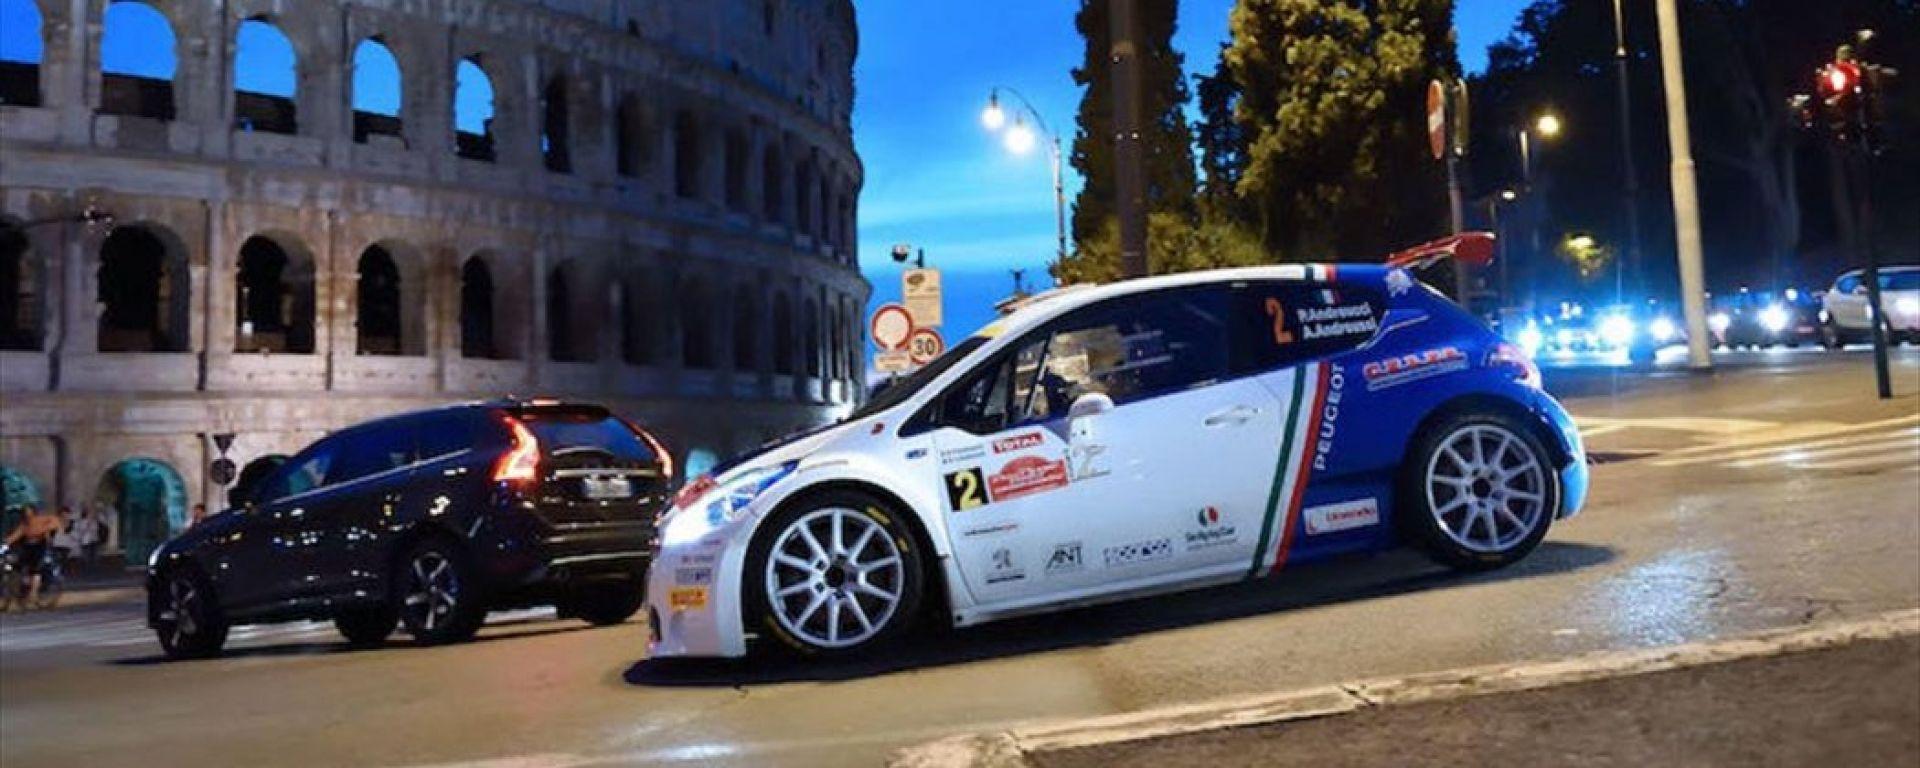 Rally di Roma Capitale 2018 - info e risultati